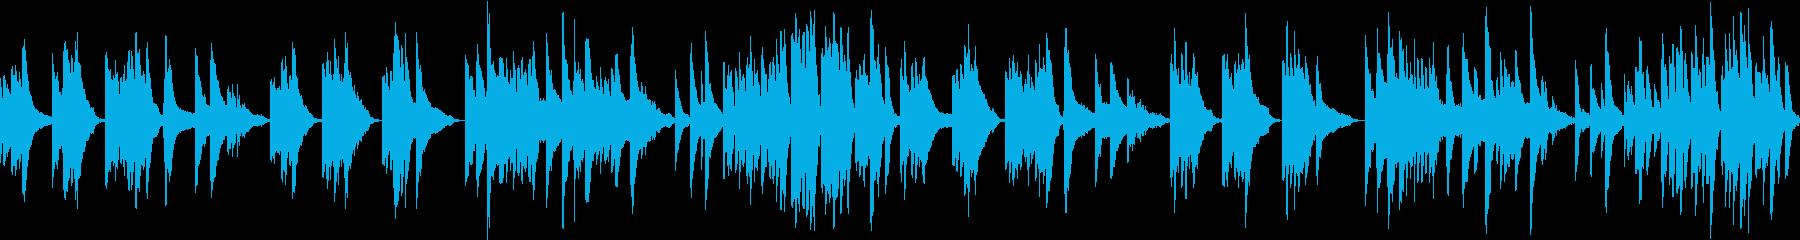 静寂を表現したピアノと弦の楽曲(ループの再生済みの波形